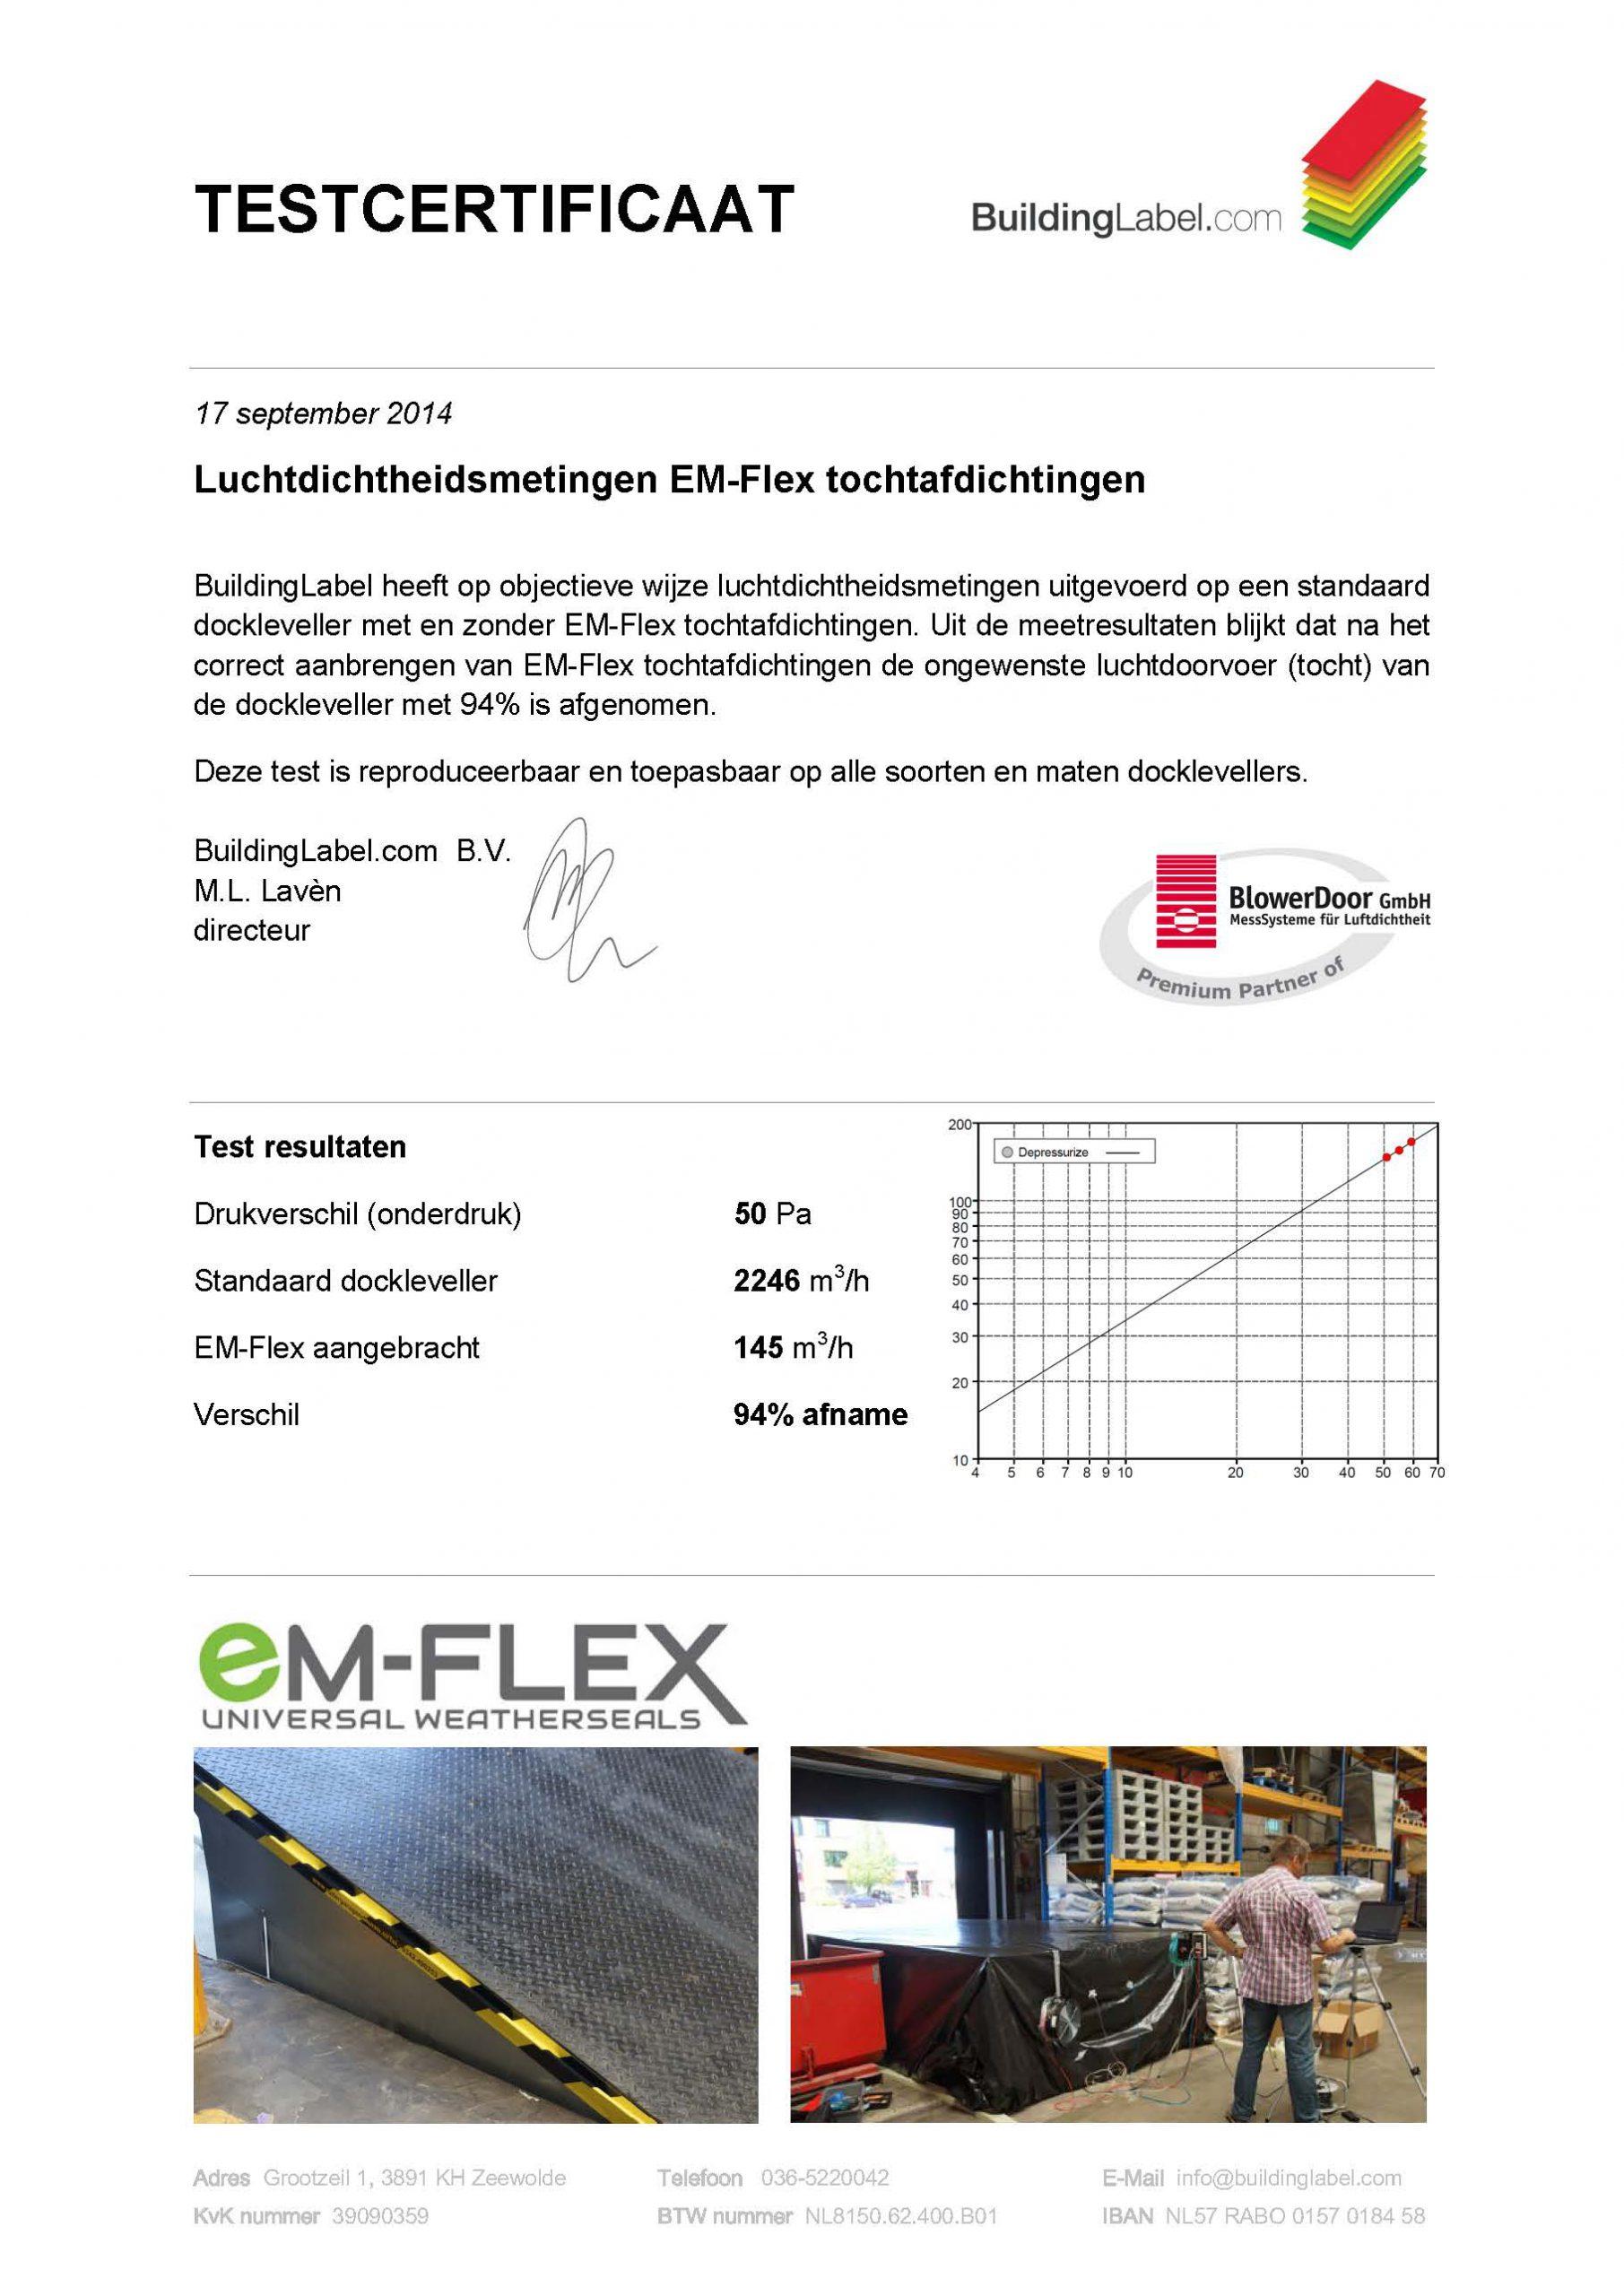 """Illustratie van het certificaat """"Blower Door Test"""". Hierin staat dat EM-FLEX spleetafdichtingen de tocht met 94% verminderen."""